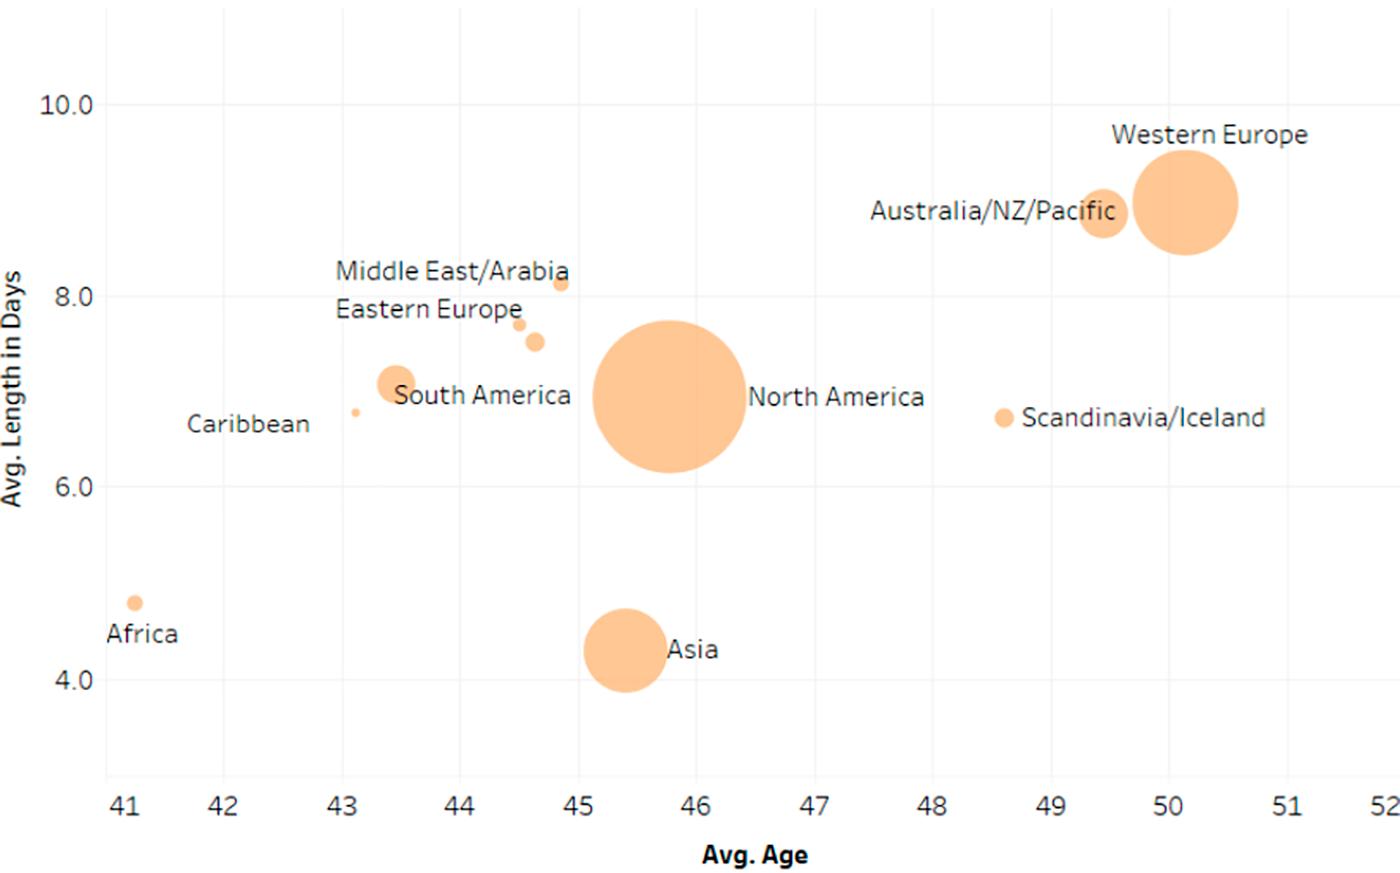 Средняя продолжительность круизов и возраст пассажиров по региону происхождения. Источник:презентация CLIA, стр. 5